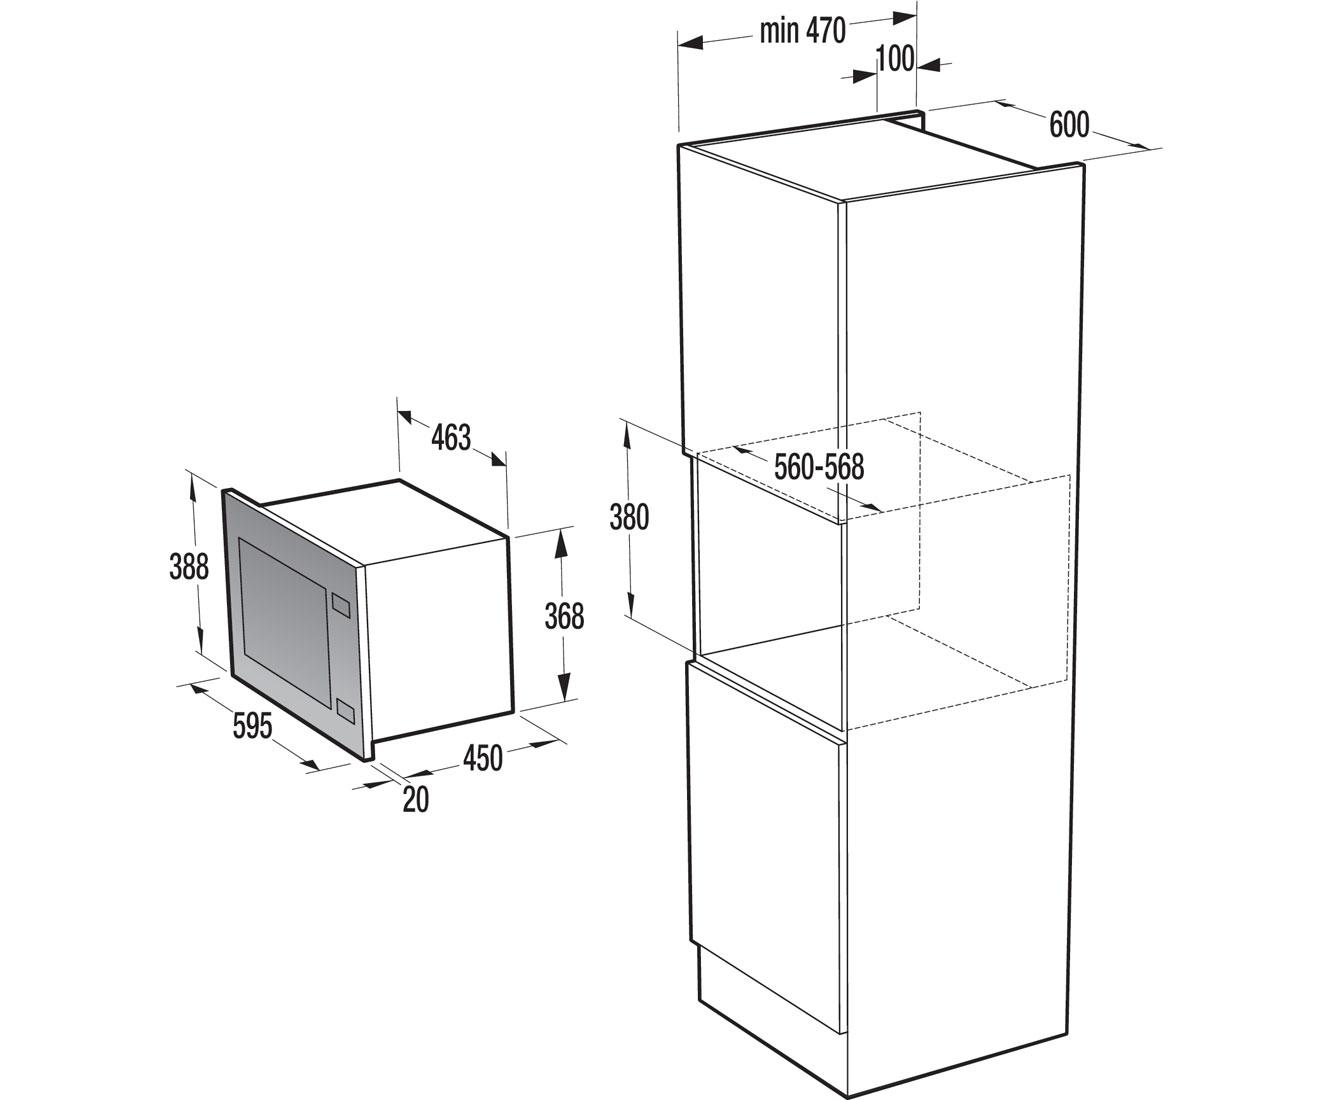 mikrowelle zum einbauen simple bosch hmtg mit grill w edelstahl autopilot with mikrowelle zum. Black Bedroom Furniture Sets. Home Design Ideas